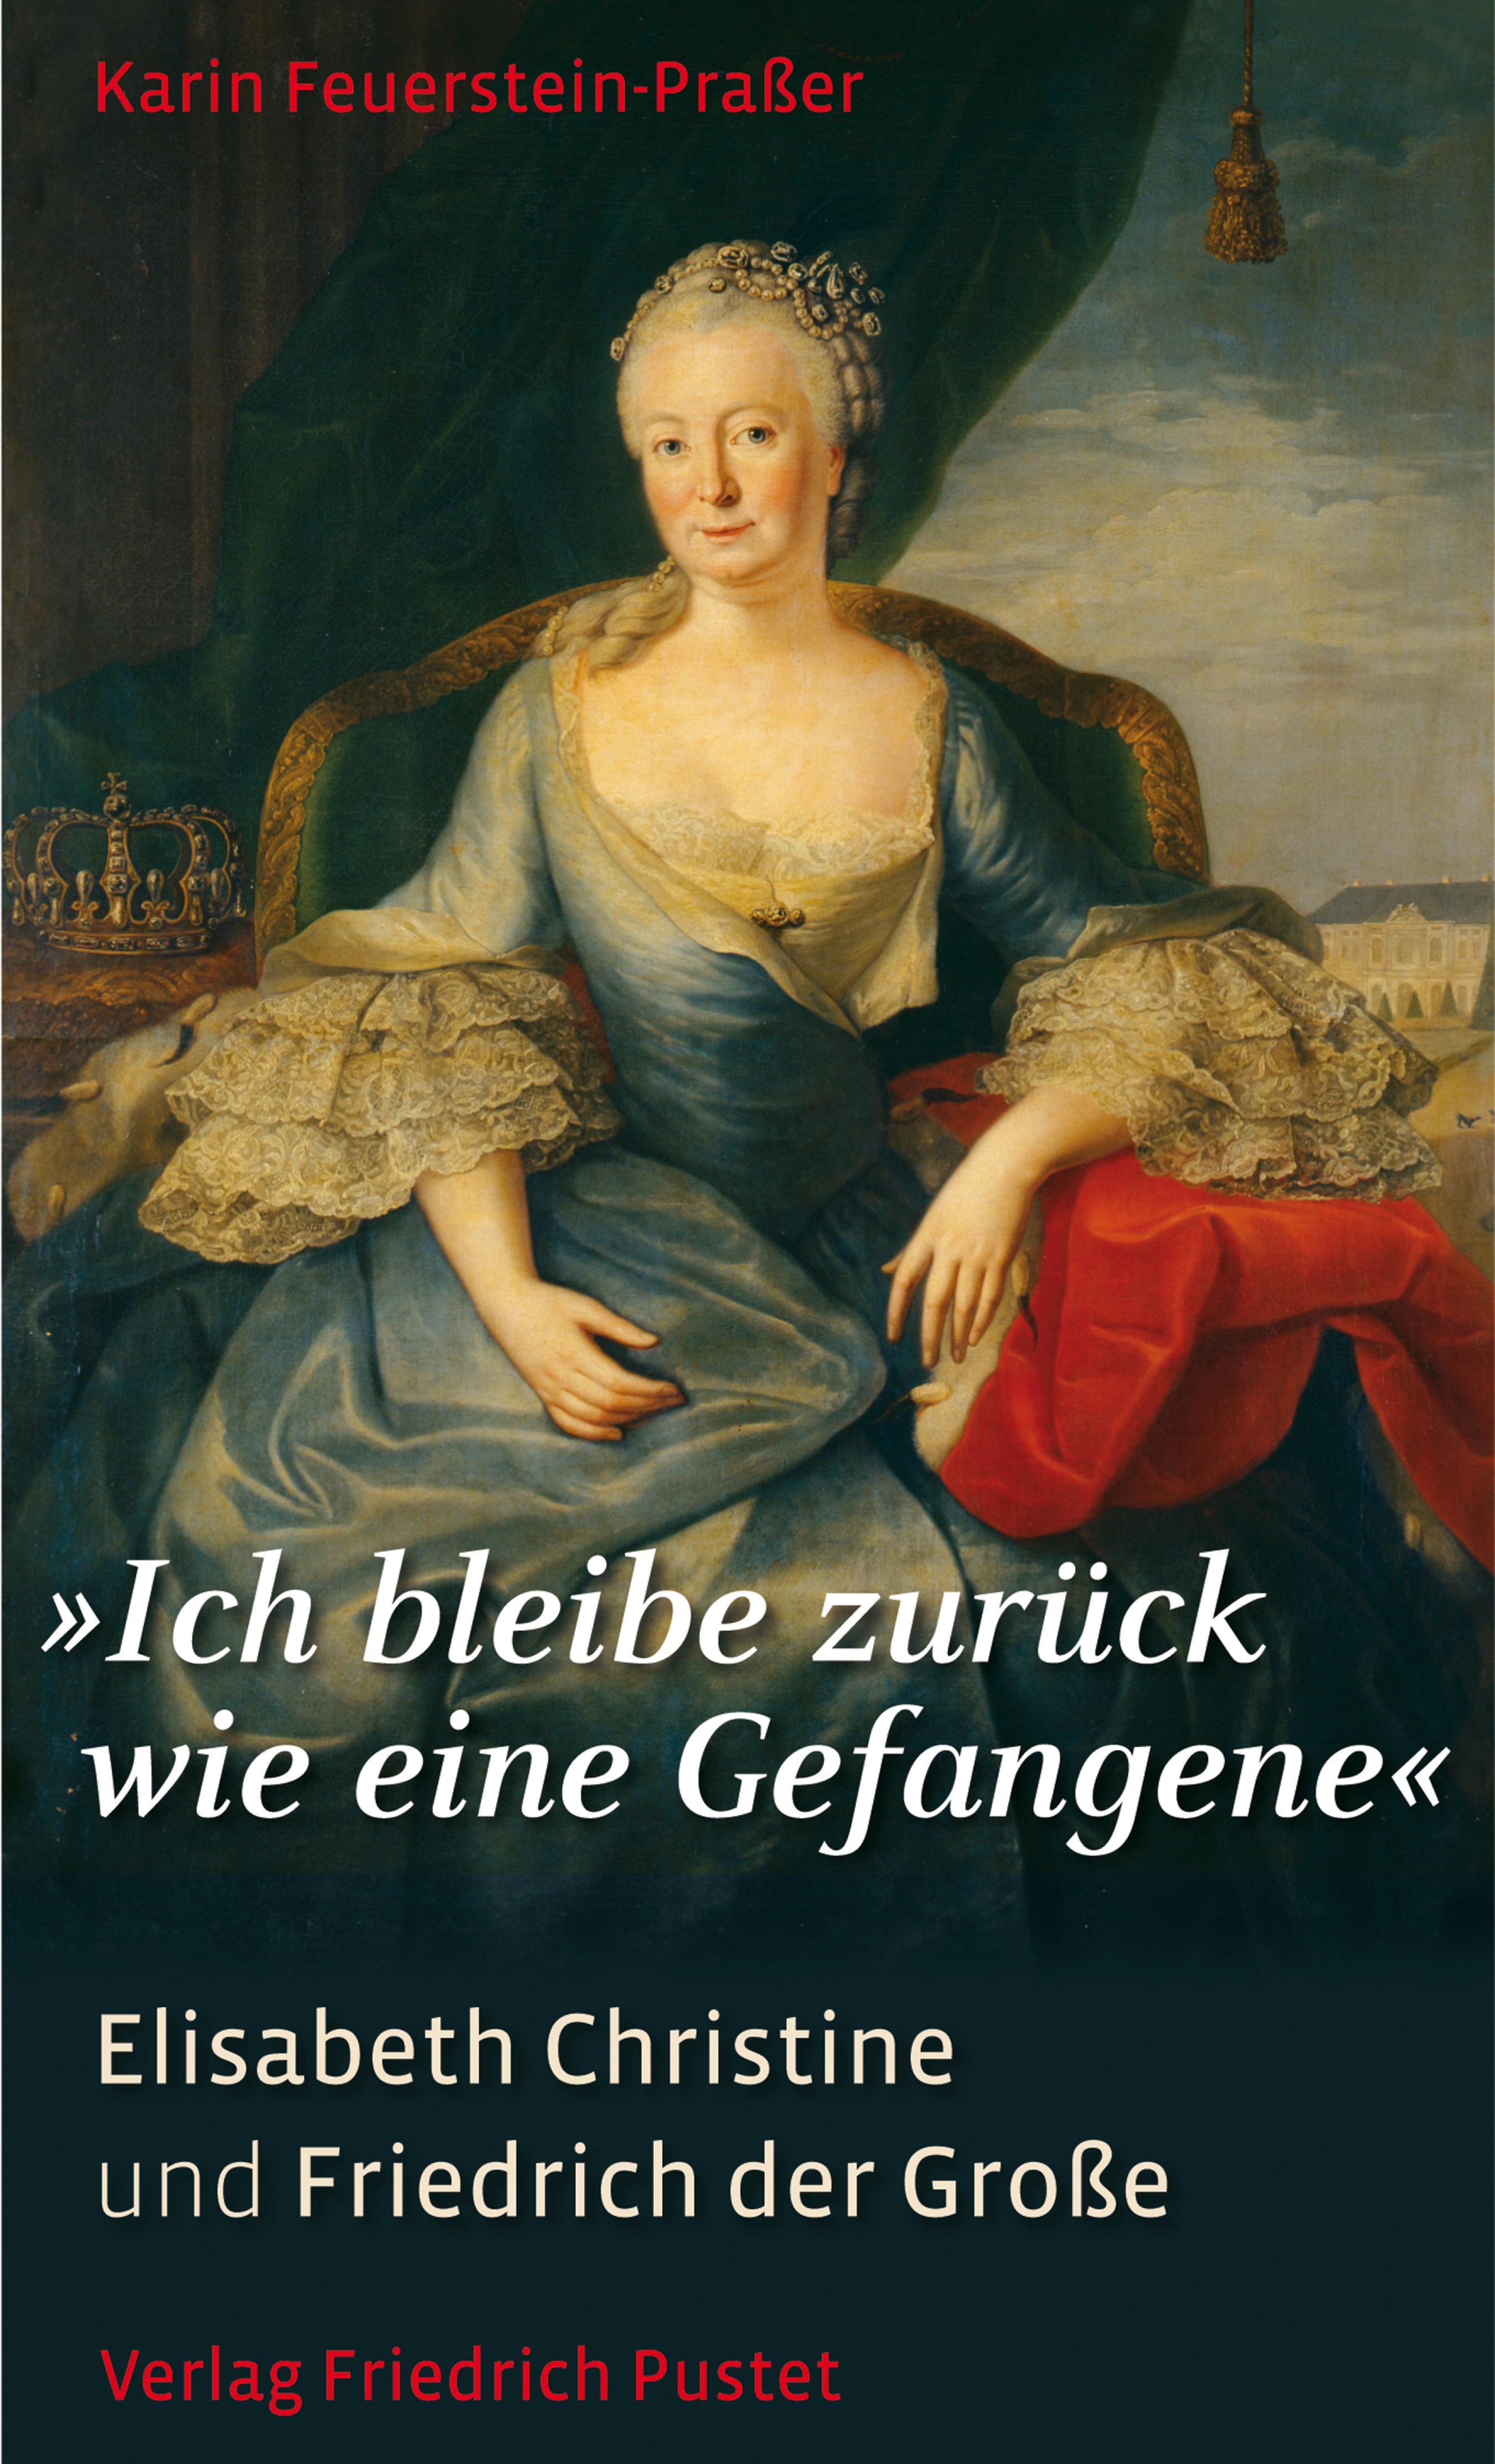 цена Karin Feuerstein-Praßer